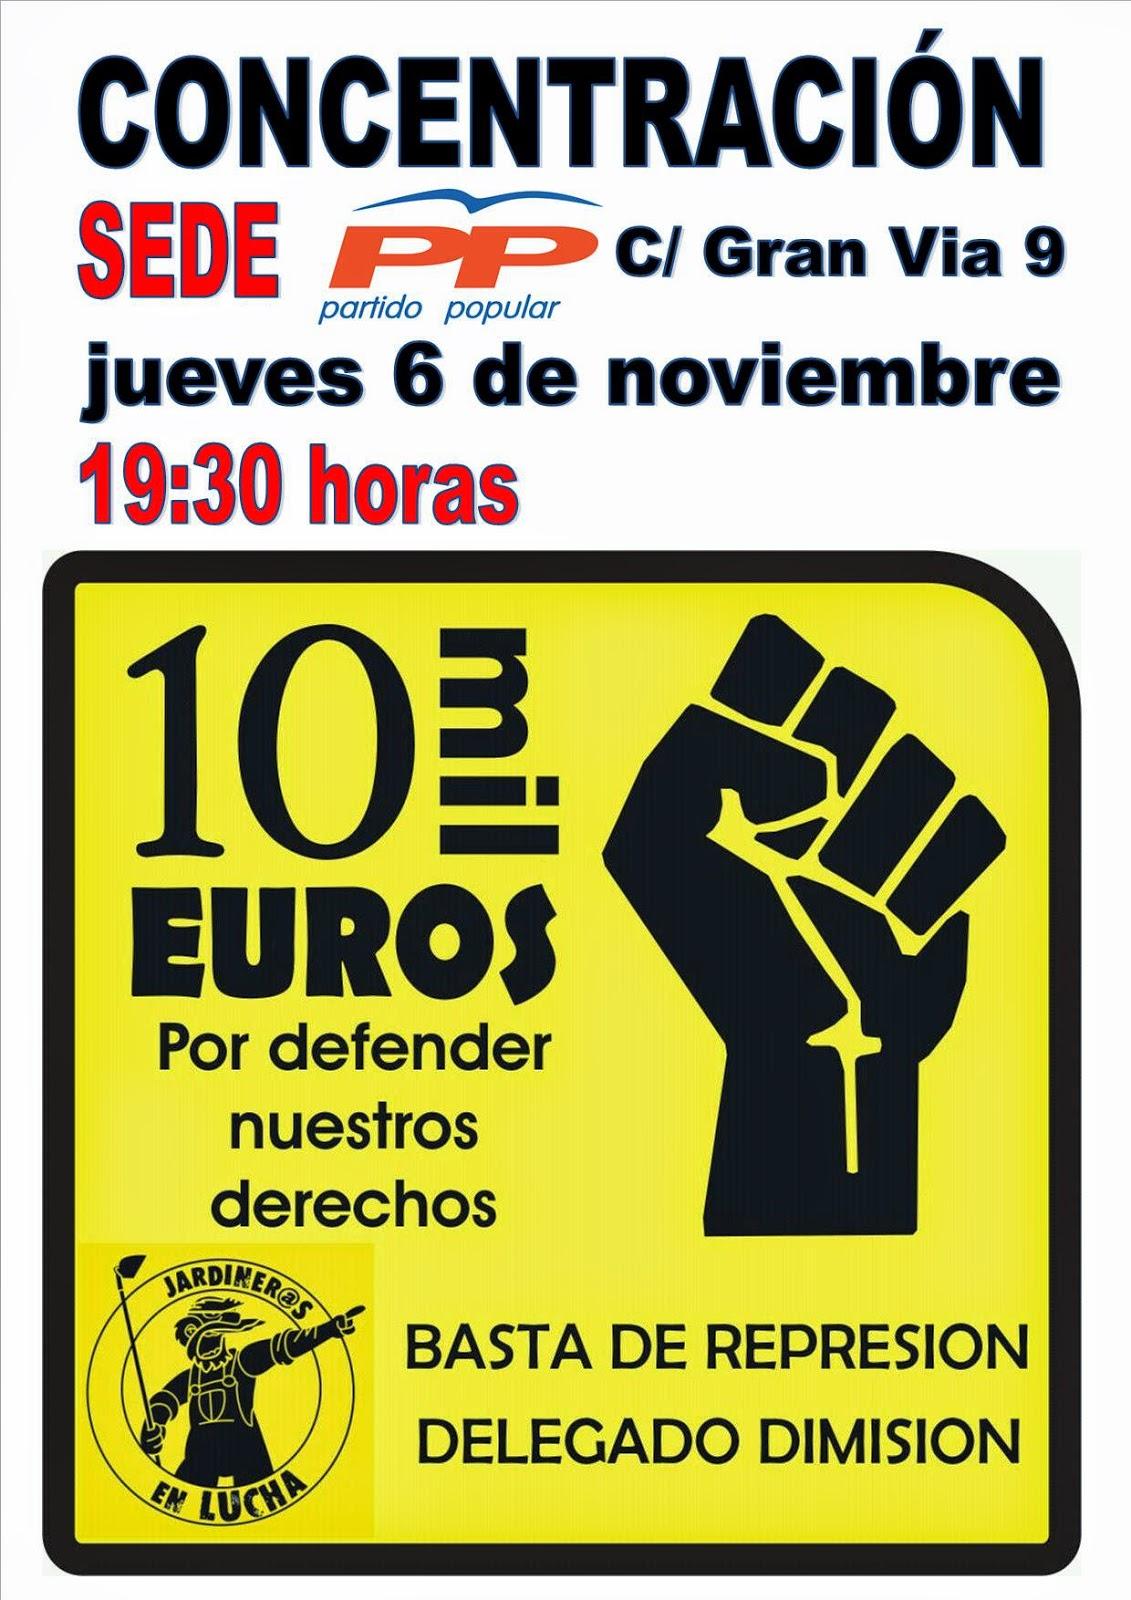 CGT JARDINERIA ARAGON: octubre 2014